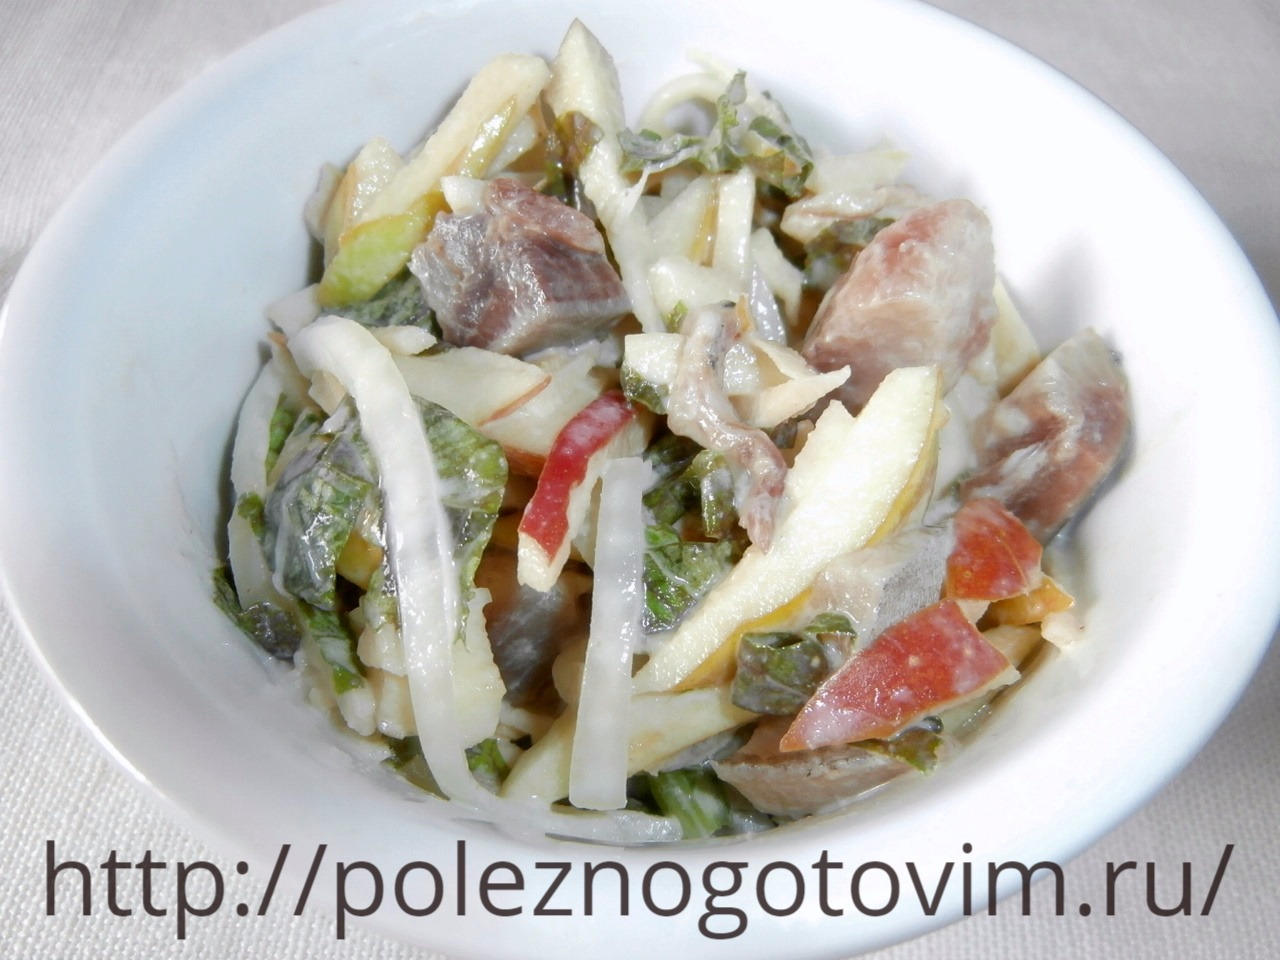 Салат с рукколой ветчиной и грушей